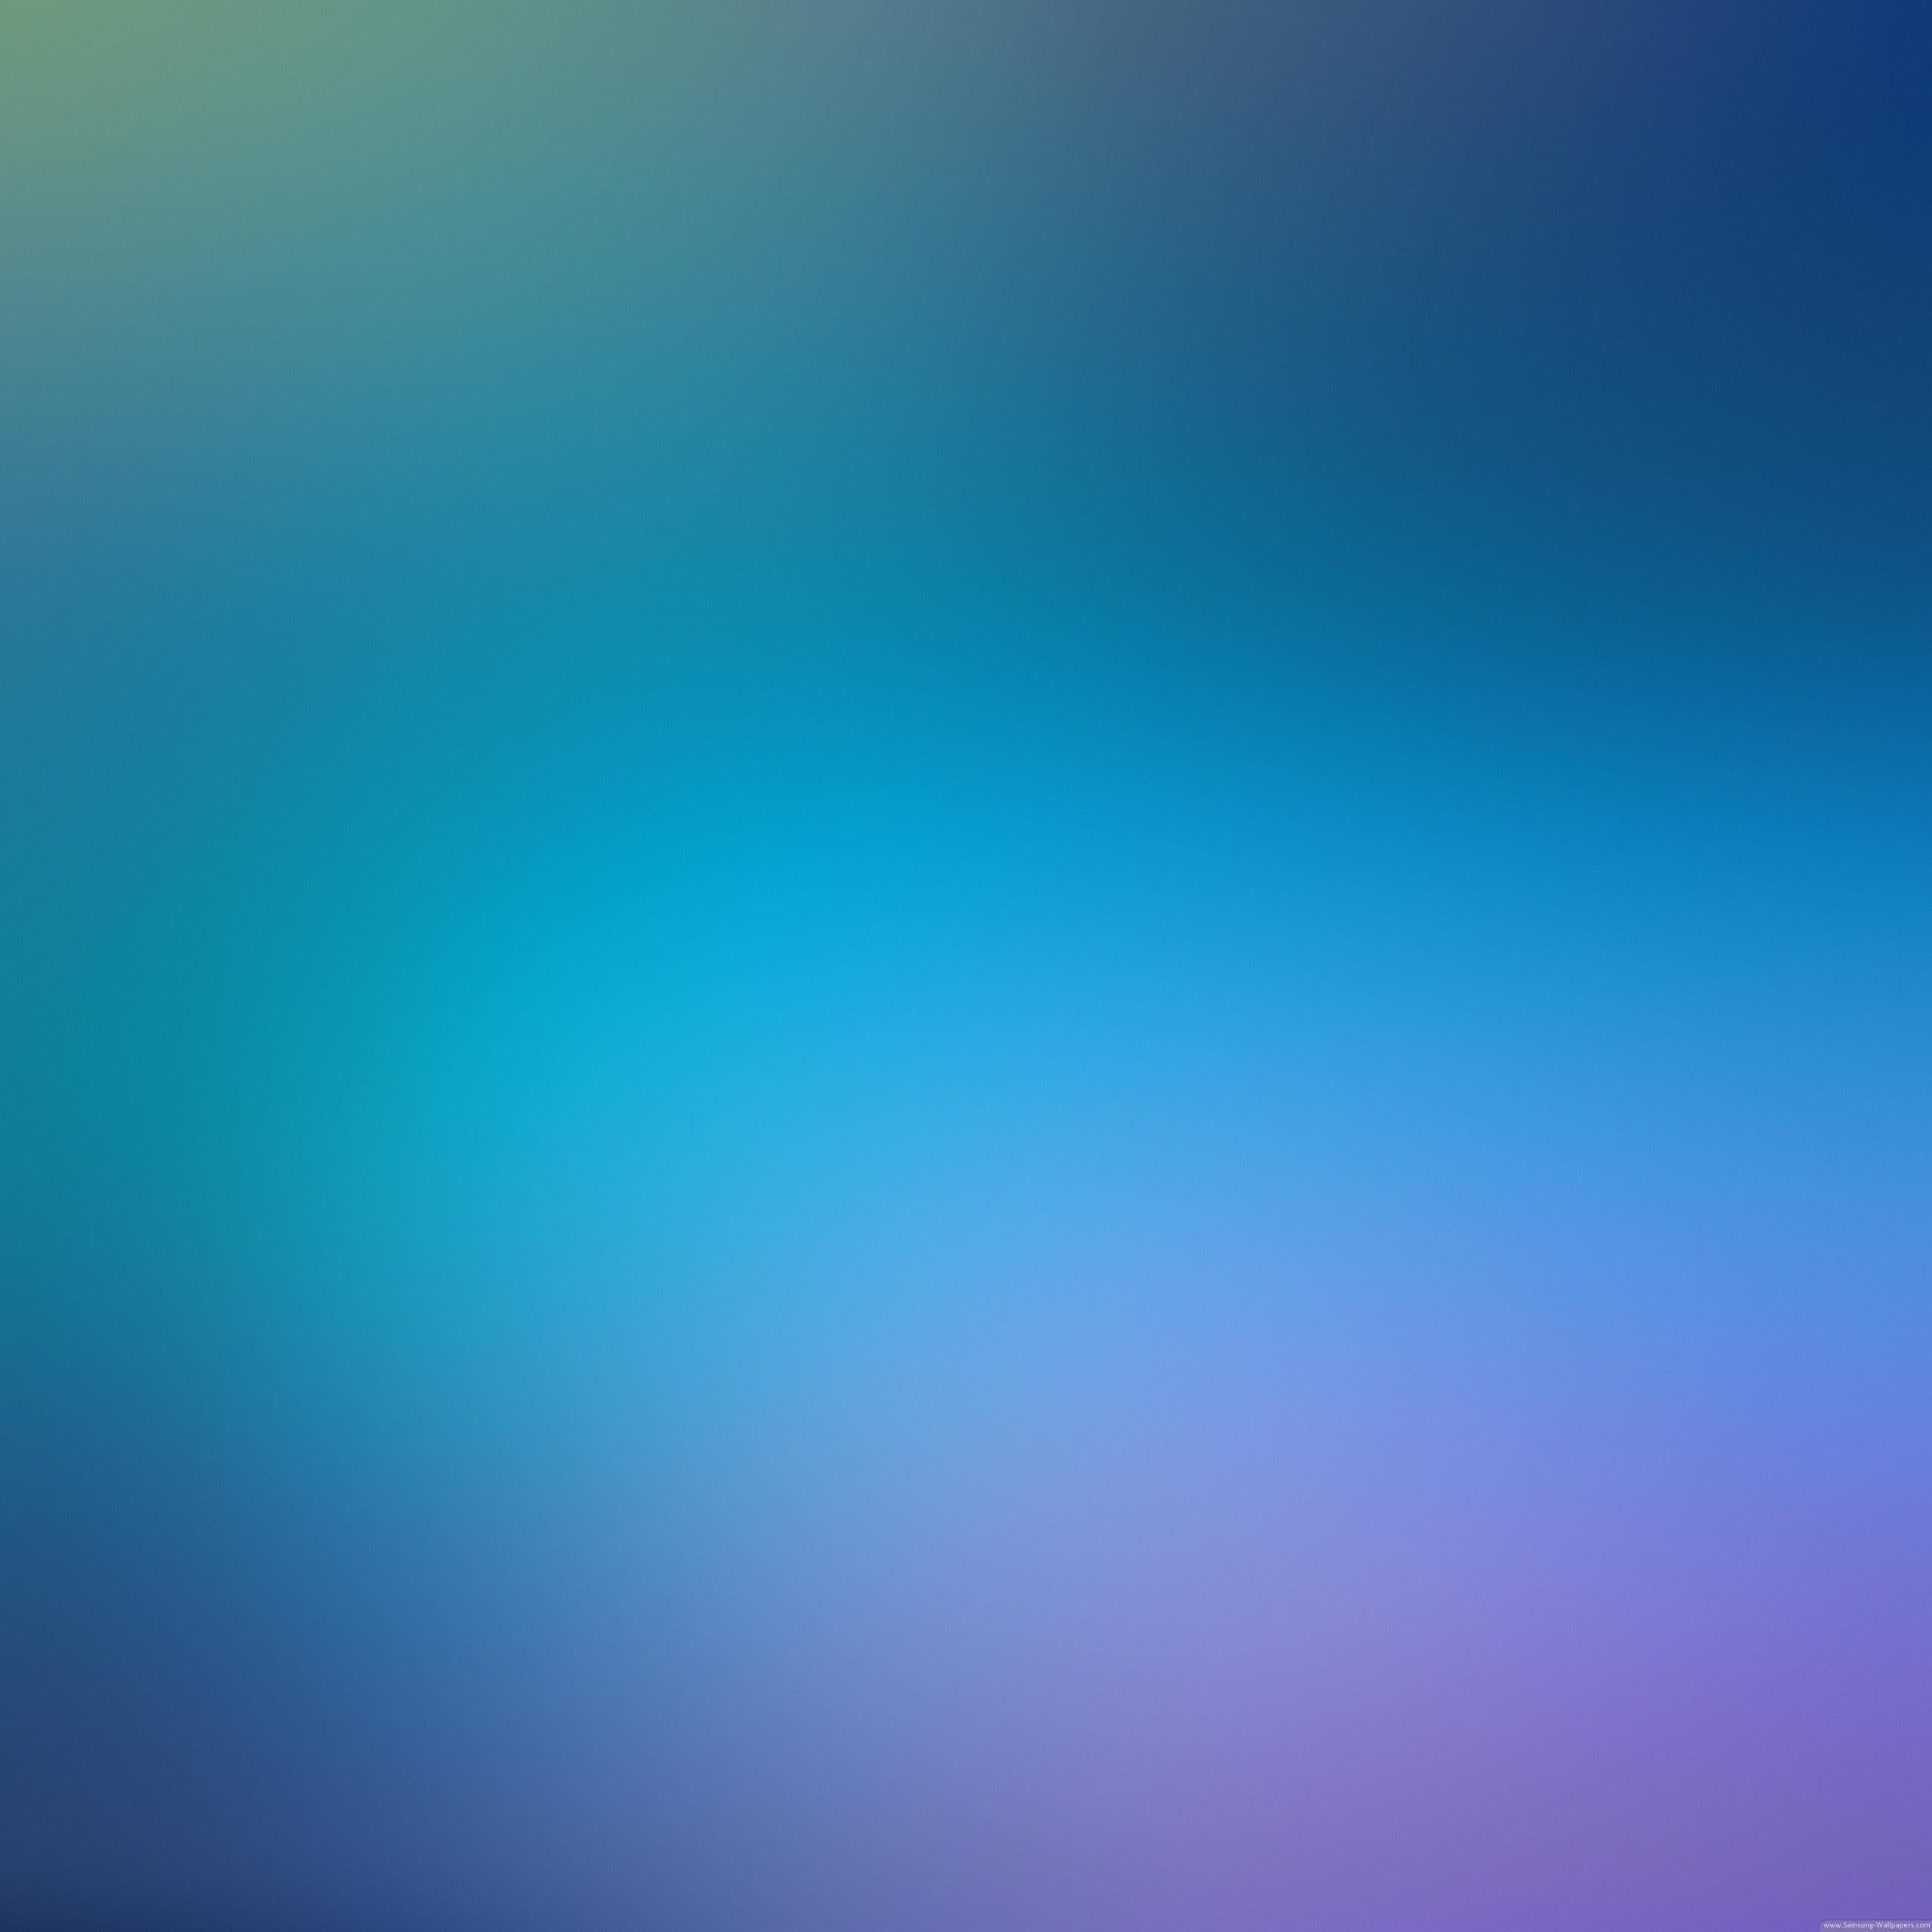 Download 9000 Wallpaper Android Simple Hd  Terbaru